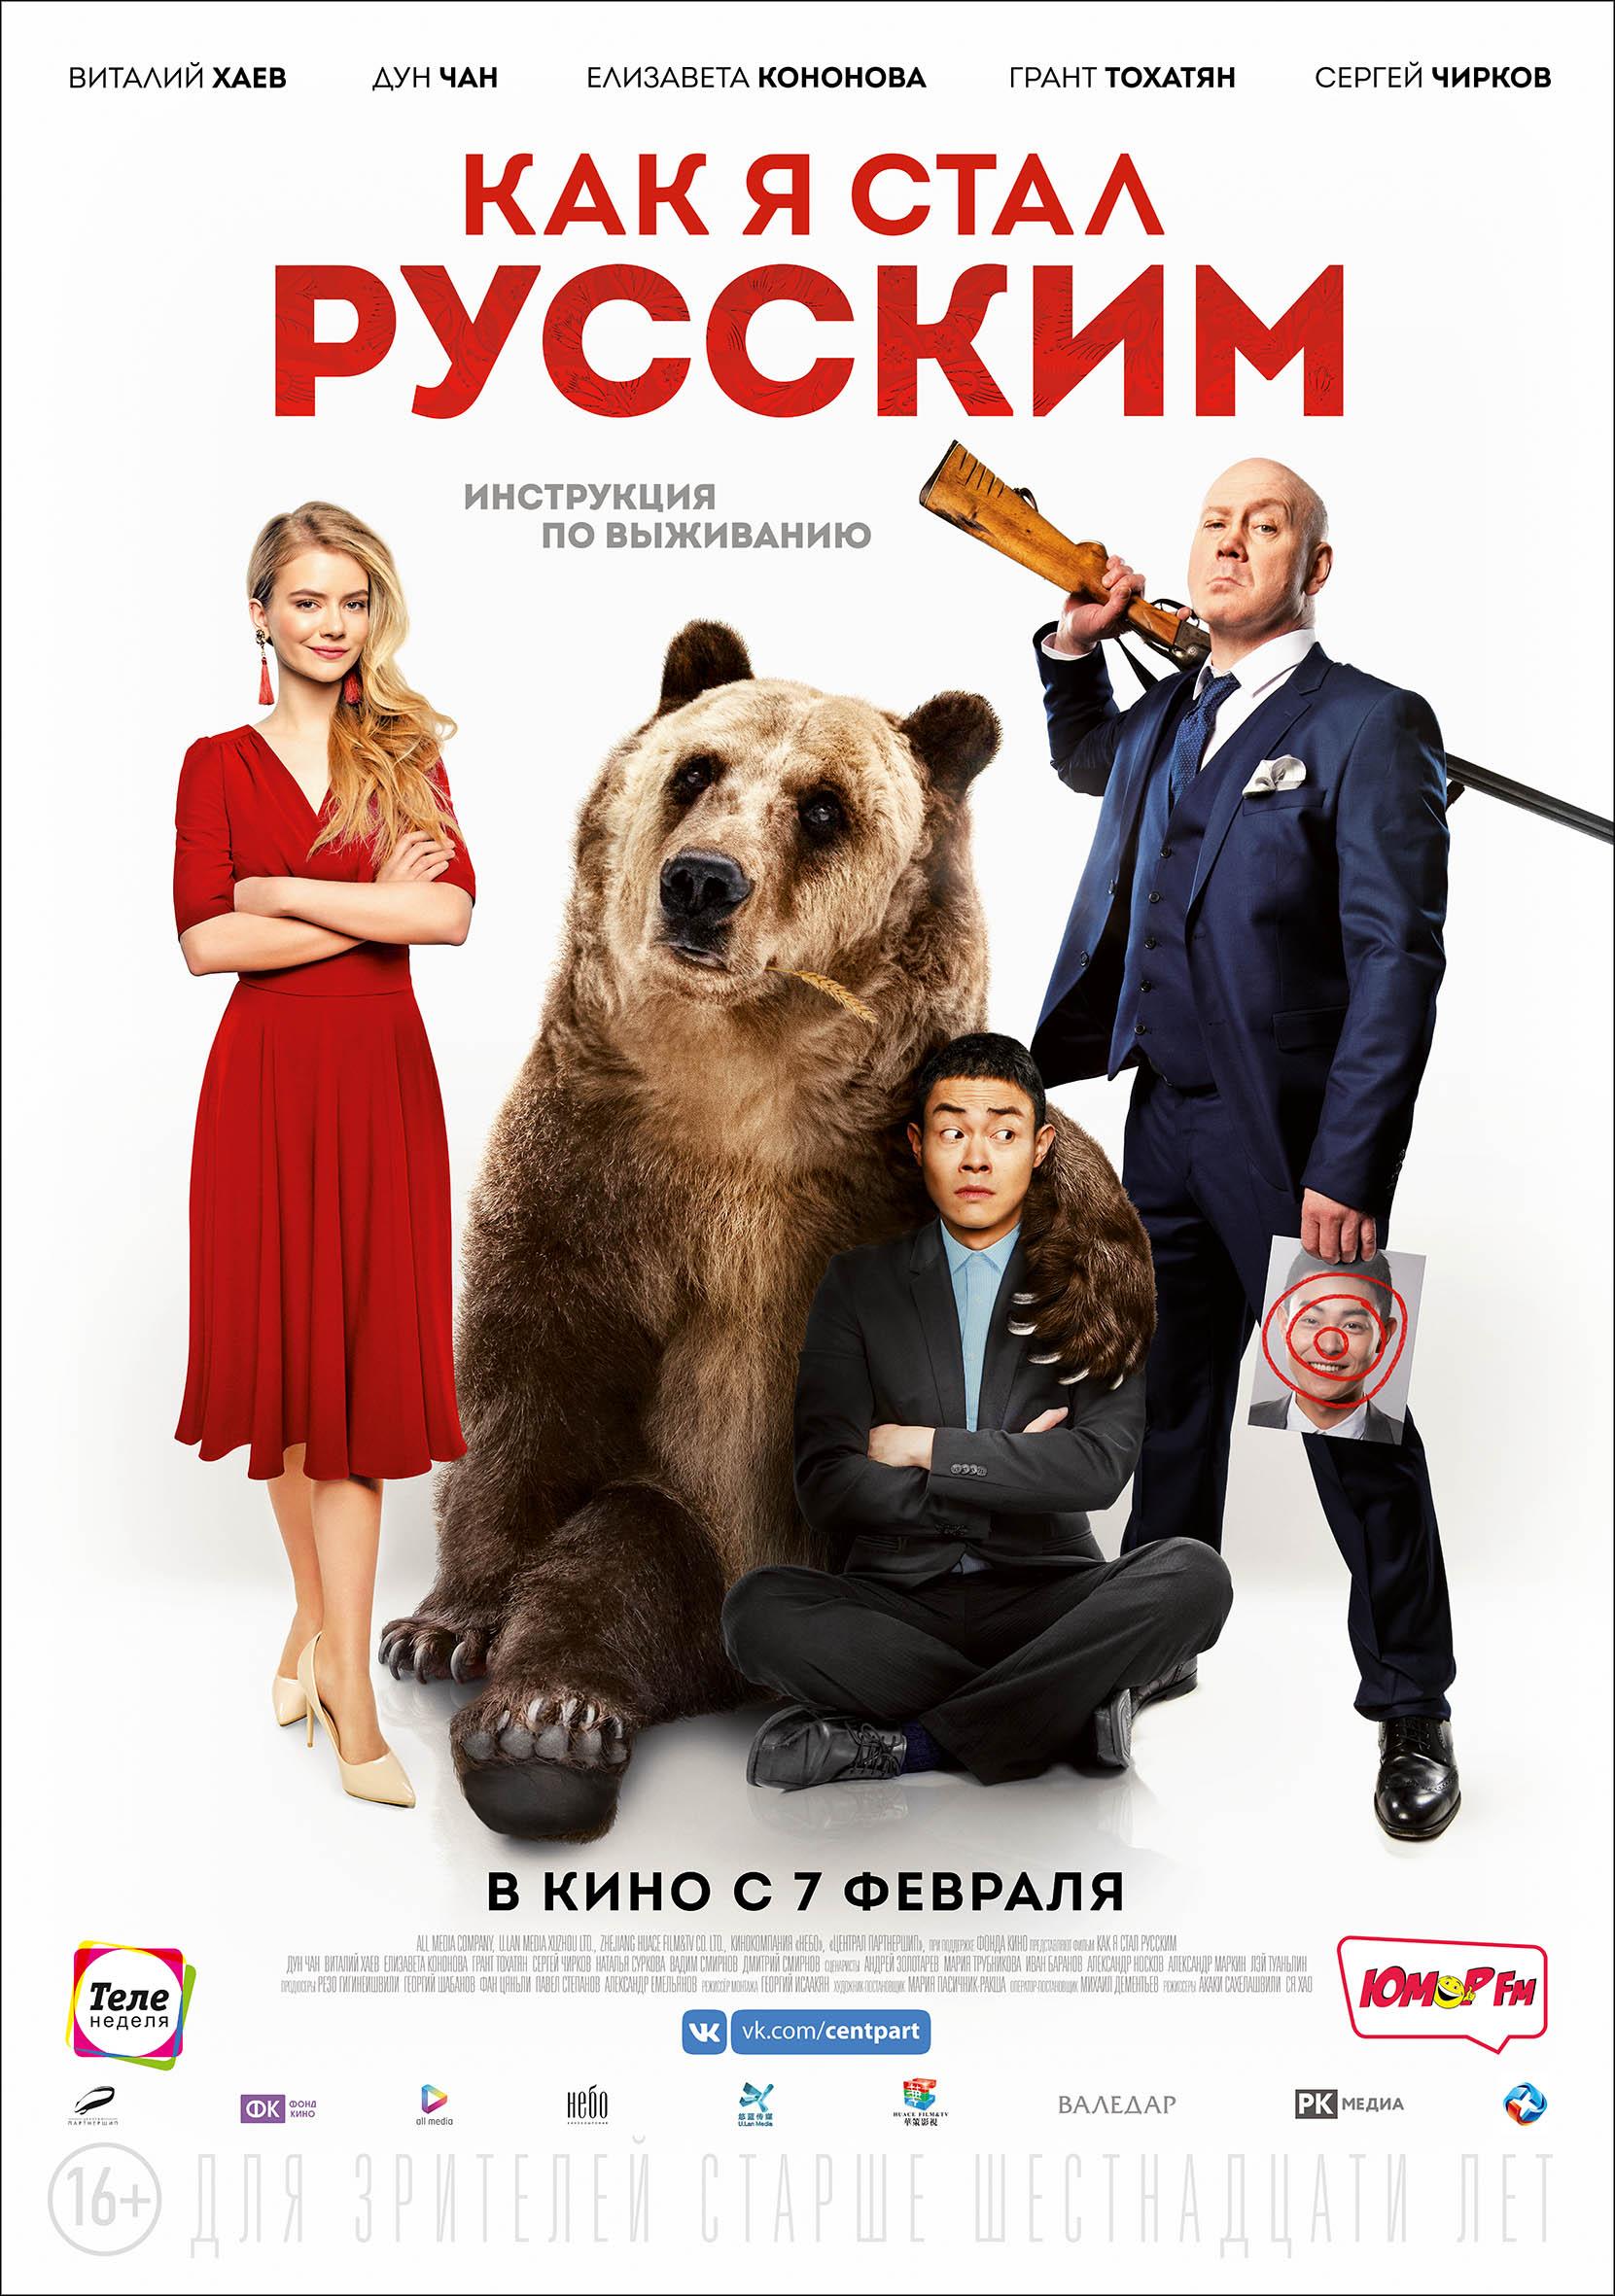 Стоимость билетов в кино новокузнецк афиша кино 2016 рейтинг